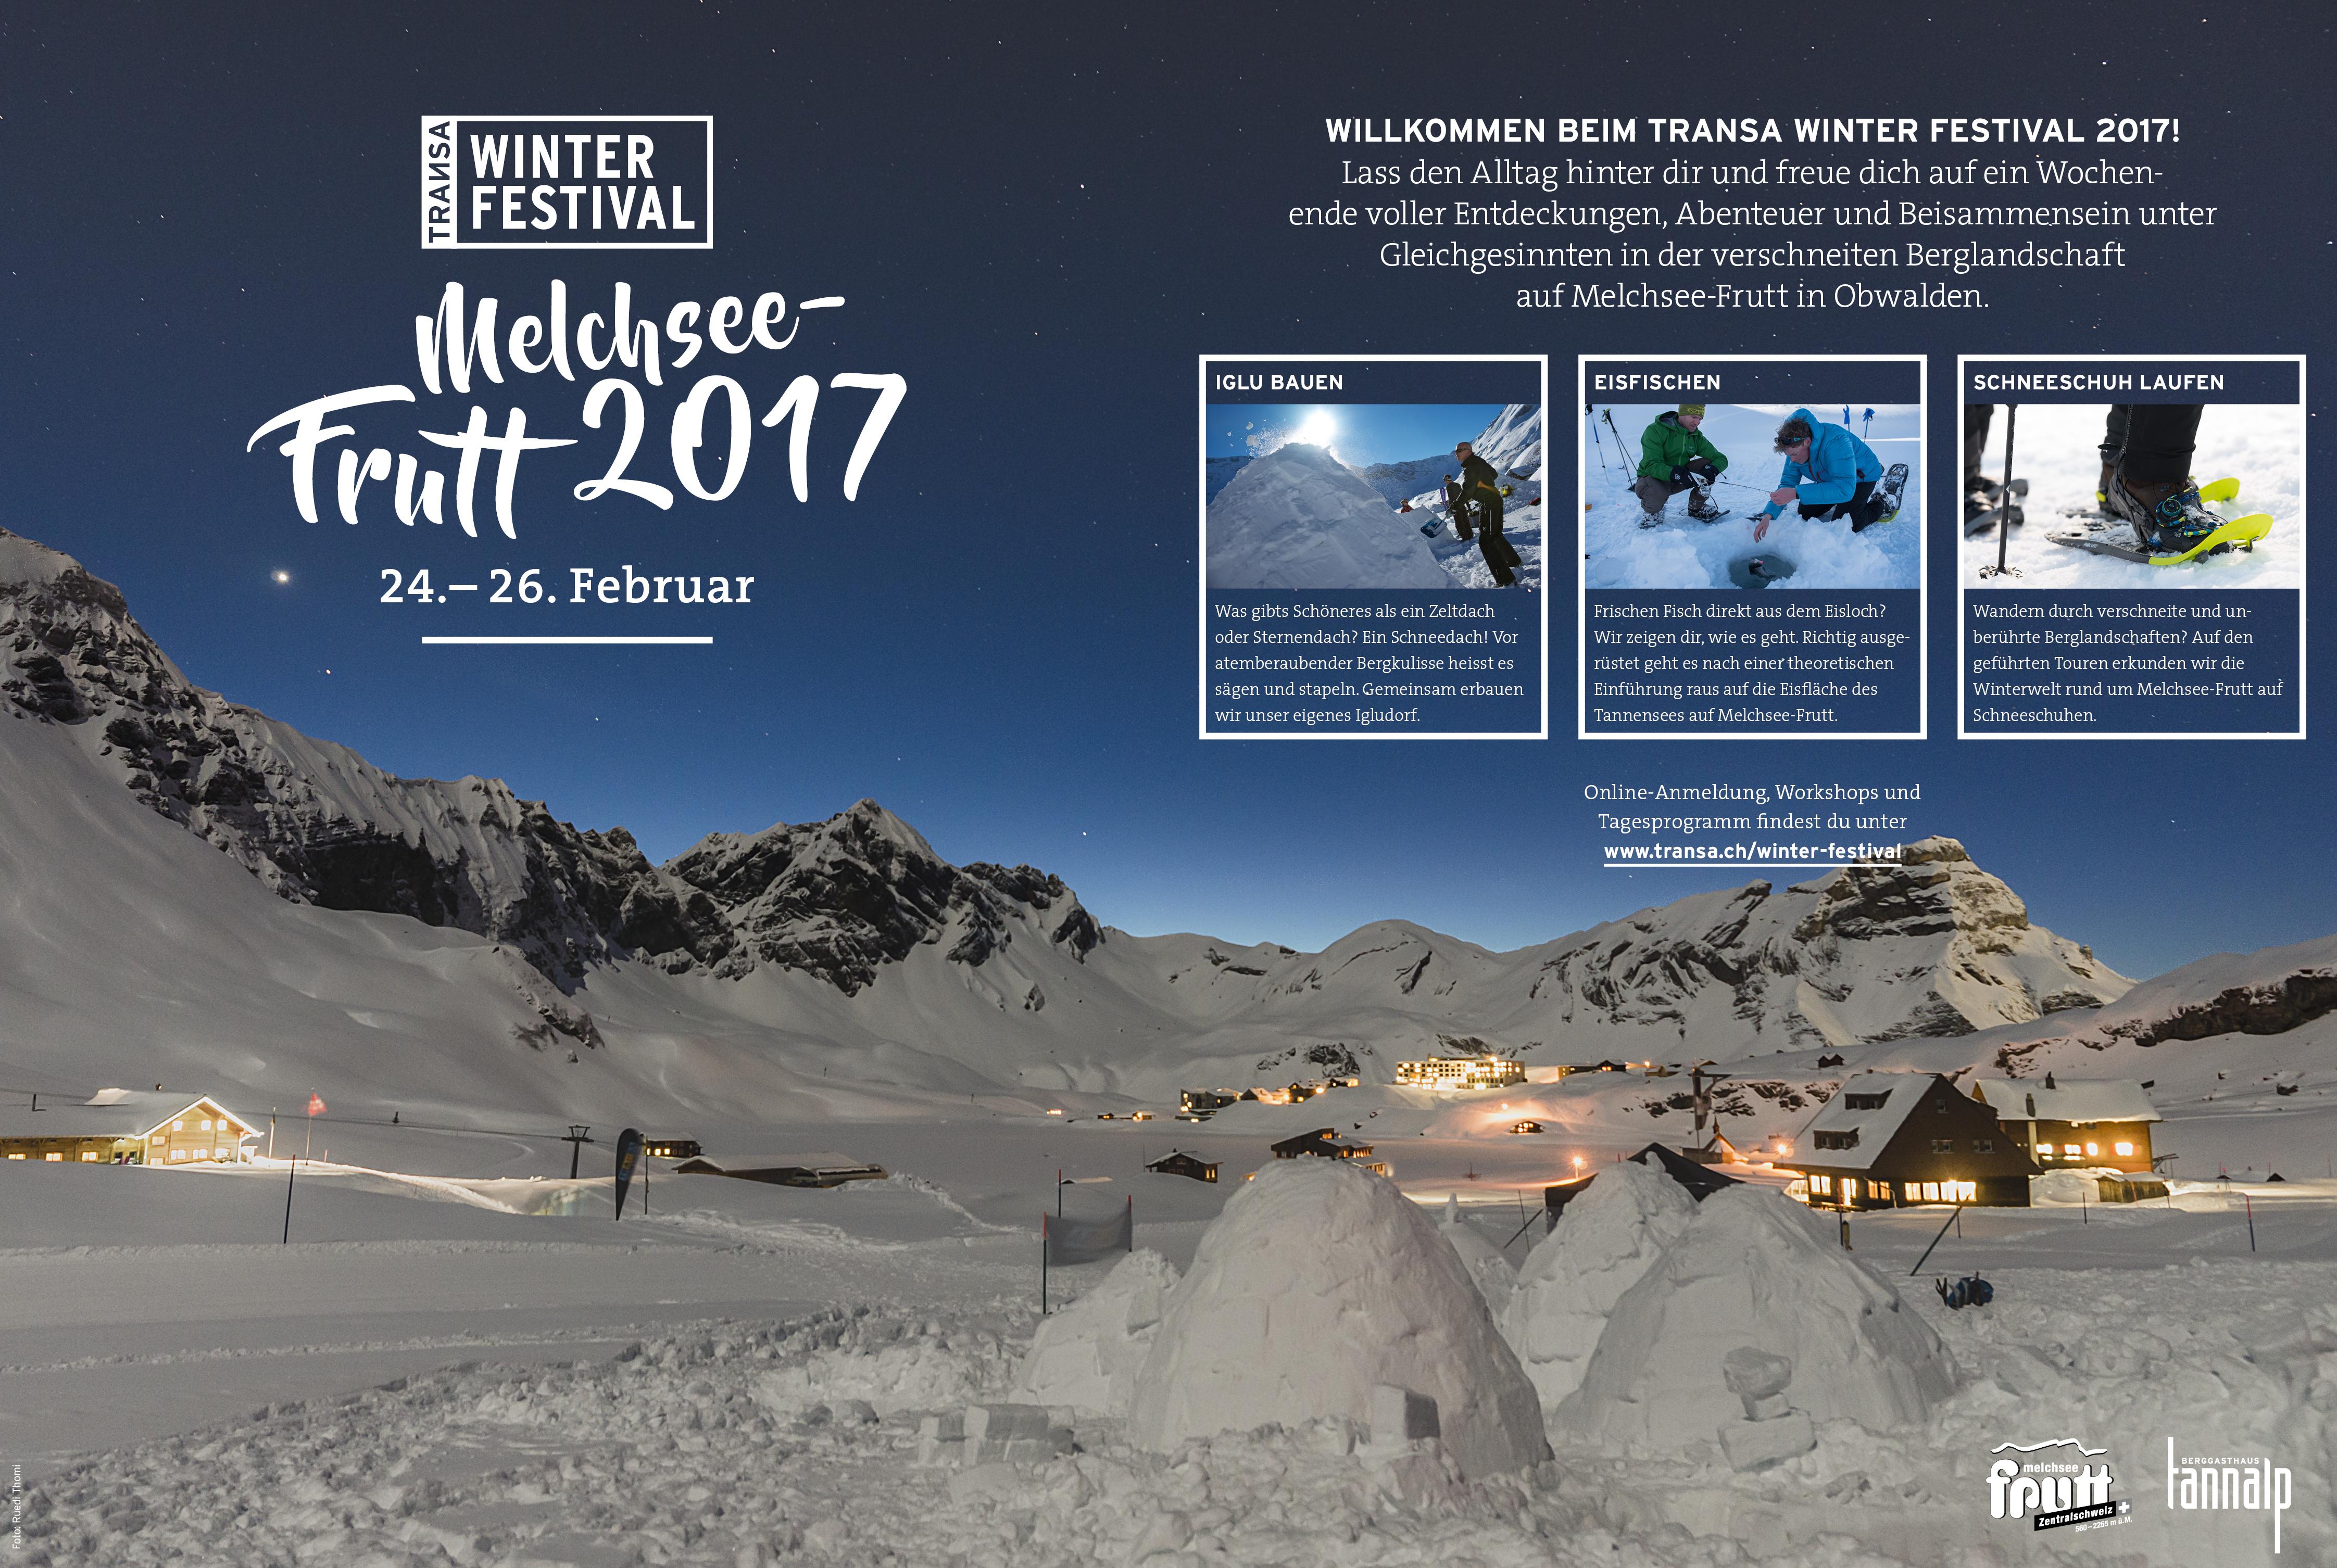 Klettersteigset Transa : Eisfischen und schneeschuhlaufen by transa travel & outdoor